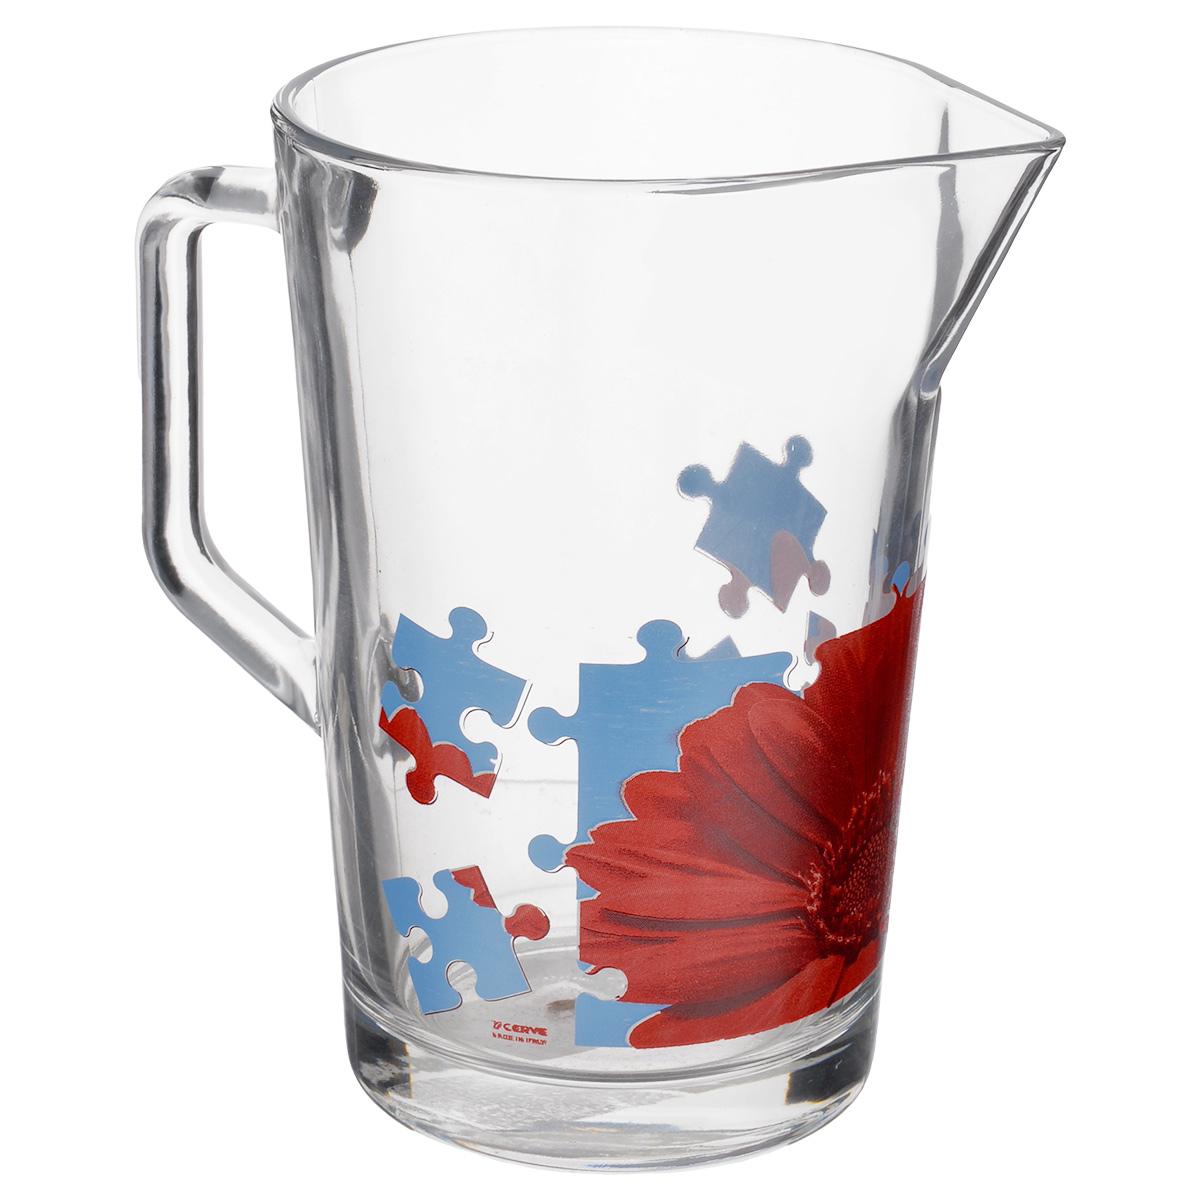 Кувшин Cerve Пазл Гербера, 1,3 лCEM42280Кувшин Cerve Пазл Гербера, выполненный из высококачественного стекла, оформлен изображением герберы в виде пазла. Он оснащен удобной ручкой и прост в использовании,достаточно просто наклонить его и налить ваш любимый напиток. Изделие прекрасно подойдет для подачи воды, сока, компота и других напитков. Кувшин Cerve Пазл Гербера дополнит интерьер вашей кухни и станет замечательным подарком к любому празднику.Диаметр (по верхнему краю): 11,5 см.Высота кувшина: 18 см.